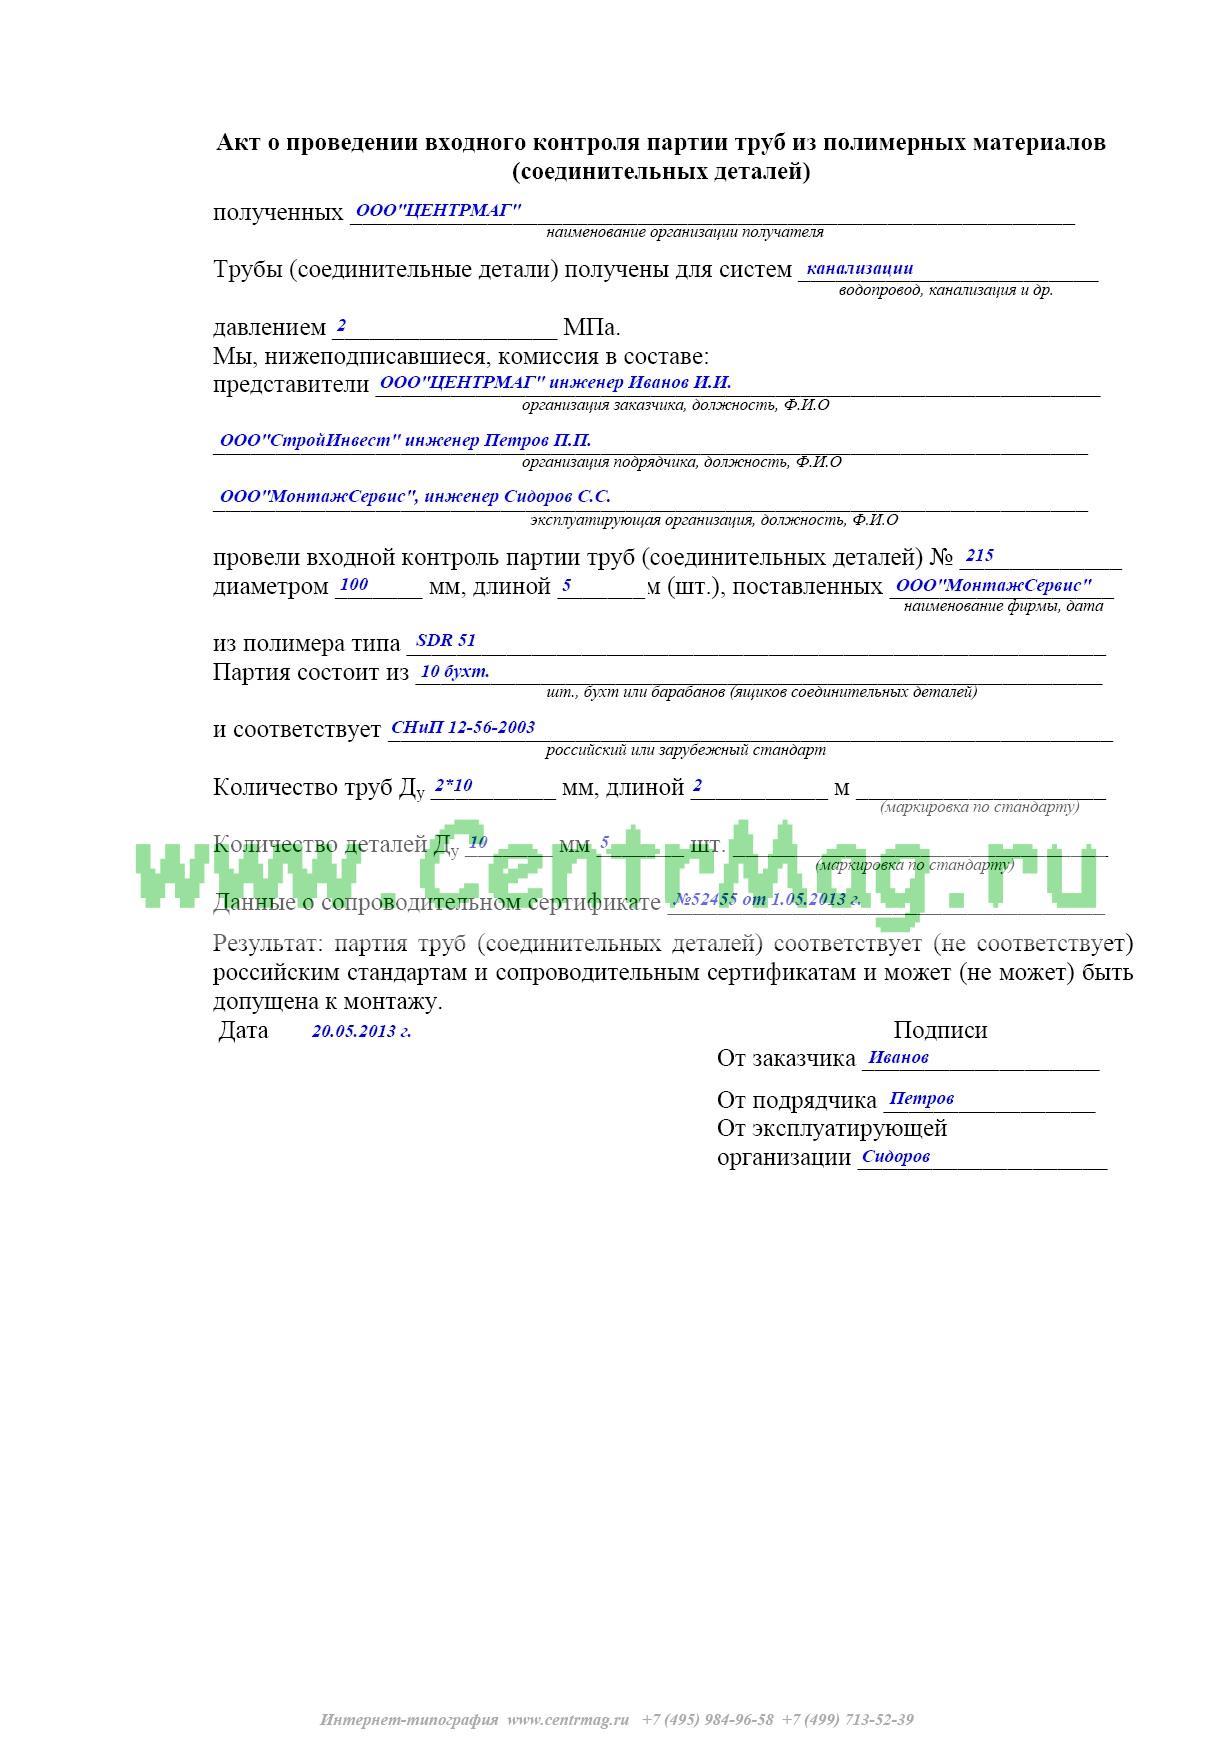 Образец и пример заполнения акта о проведении входного контроля партии труб